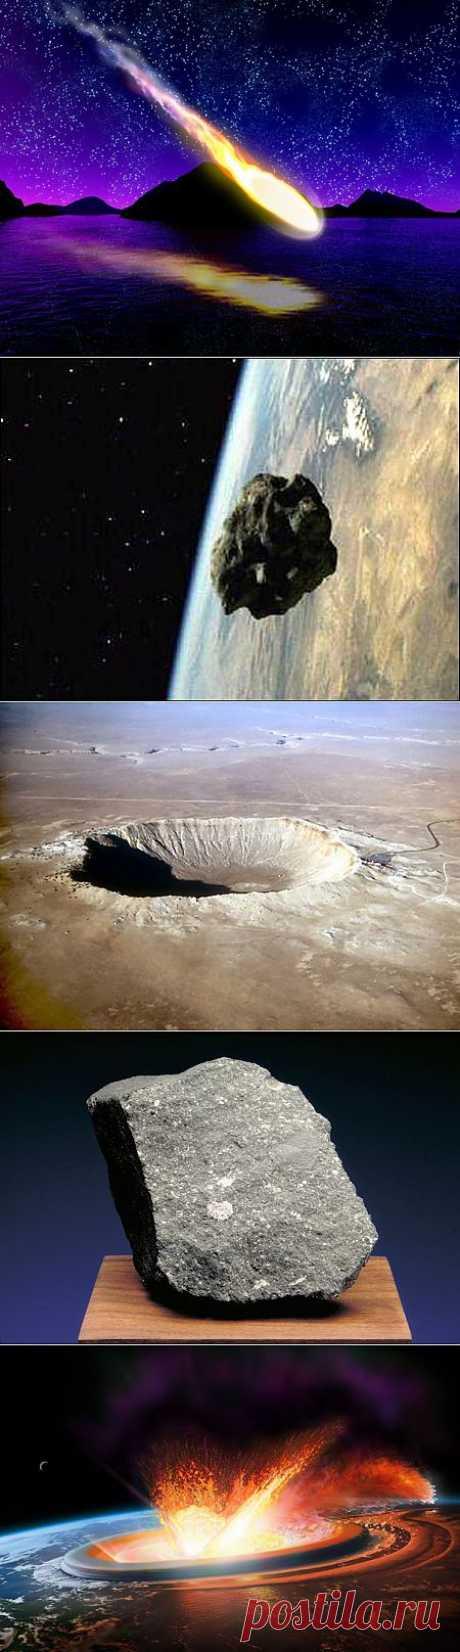 5 метеоритов, которые изменили мир —  Наша планета окружена огромным количеством самых разнообразных небесных тел. Некоторые из них – небольшие по размеру – при падении на Землю остаются незамеченными, а вот падение более крупных, весом до нескольких сотен килограммов и даже тонн, чревато различными последствиями. И 5 метеоритов, о которых я хочу вам рассказать, внесли свой определённый вклад в развитие жизни на нашей планете.